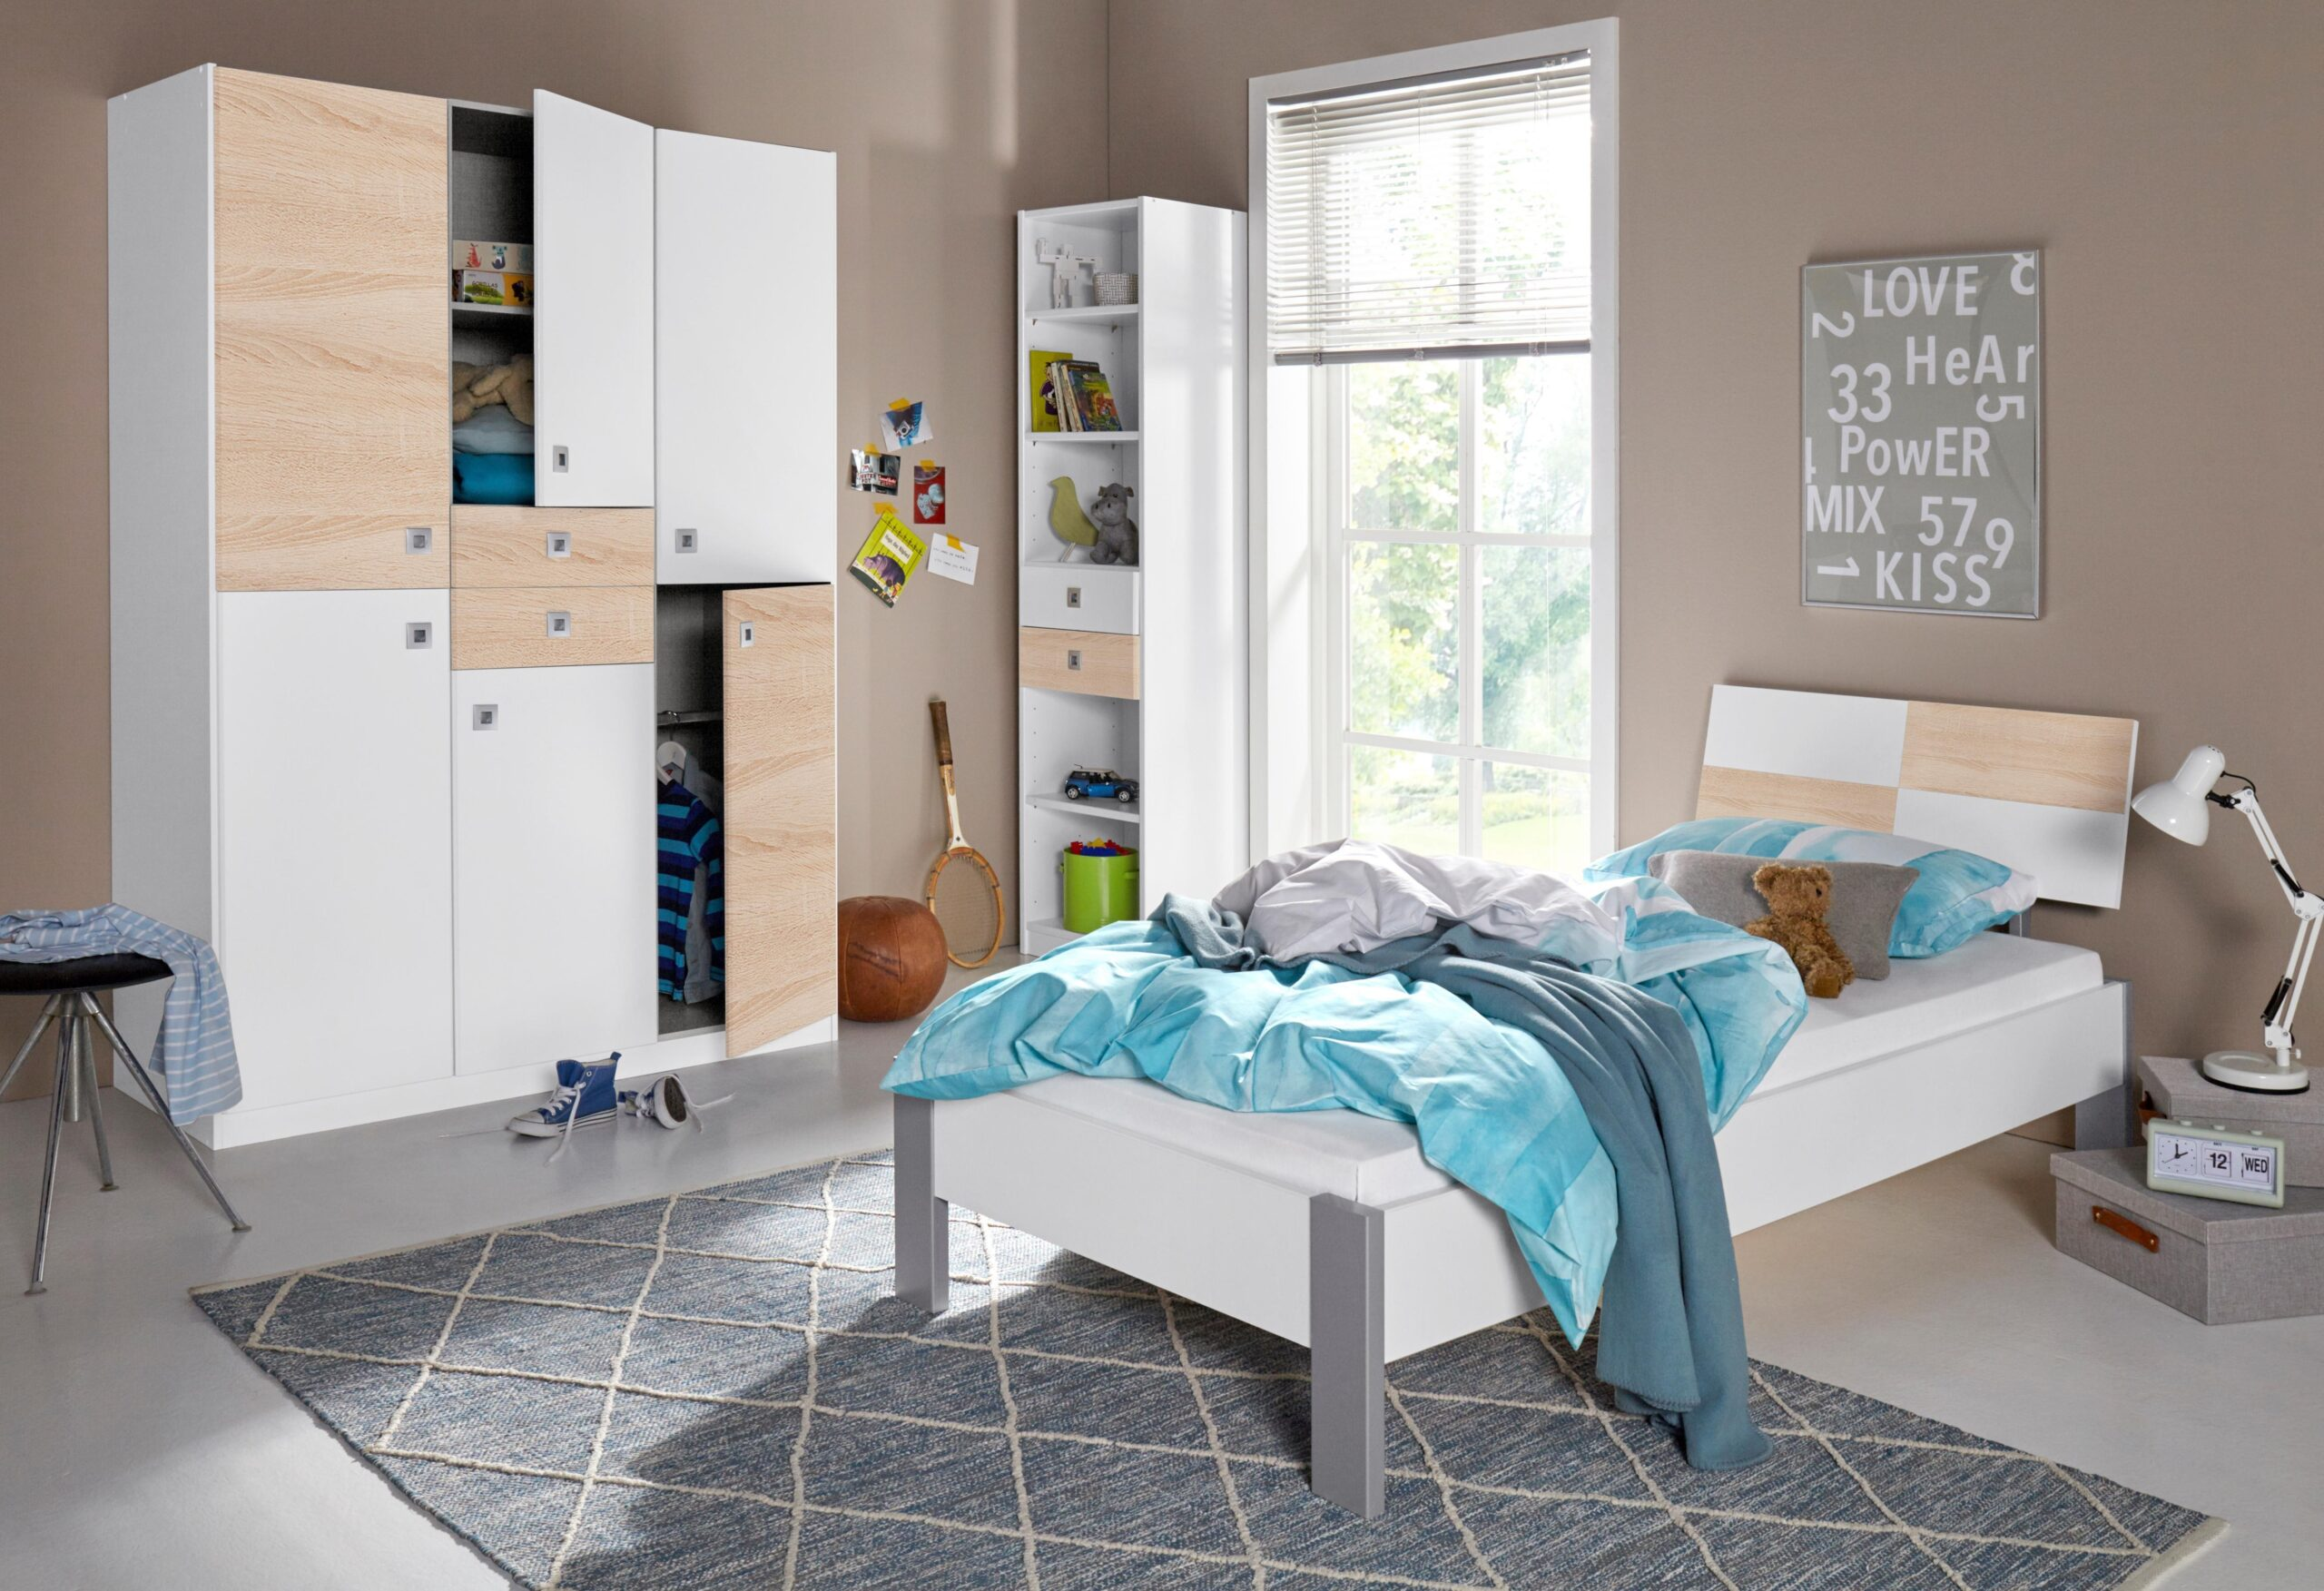 Full Size of Komplett Jugendzimmer Online Kaufen Mbel Suchmaschine Xora Sofa Bett Wohnzimmer Xora Jugendzimmer